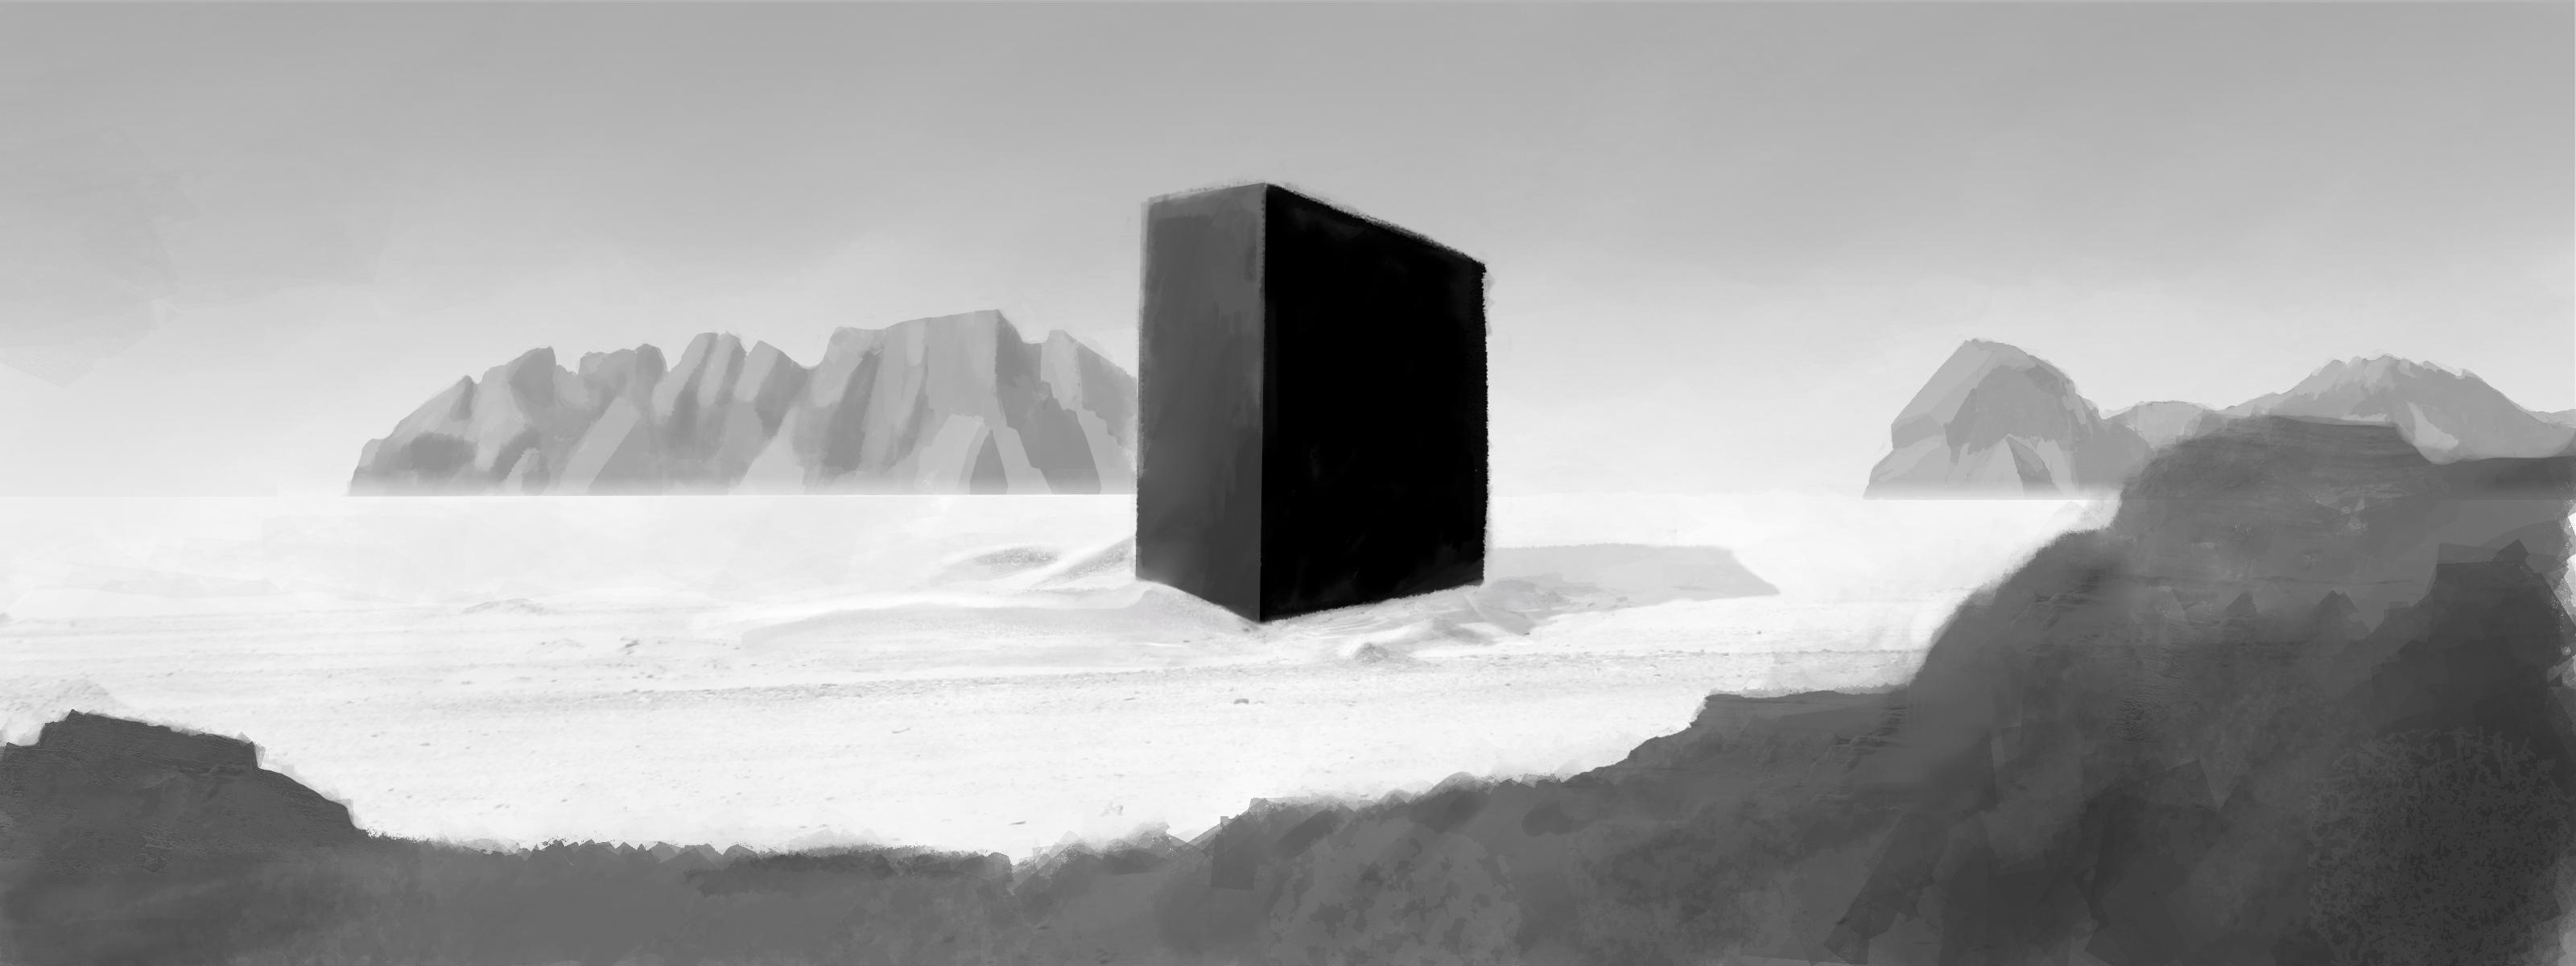 Monolith icon